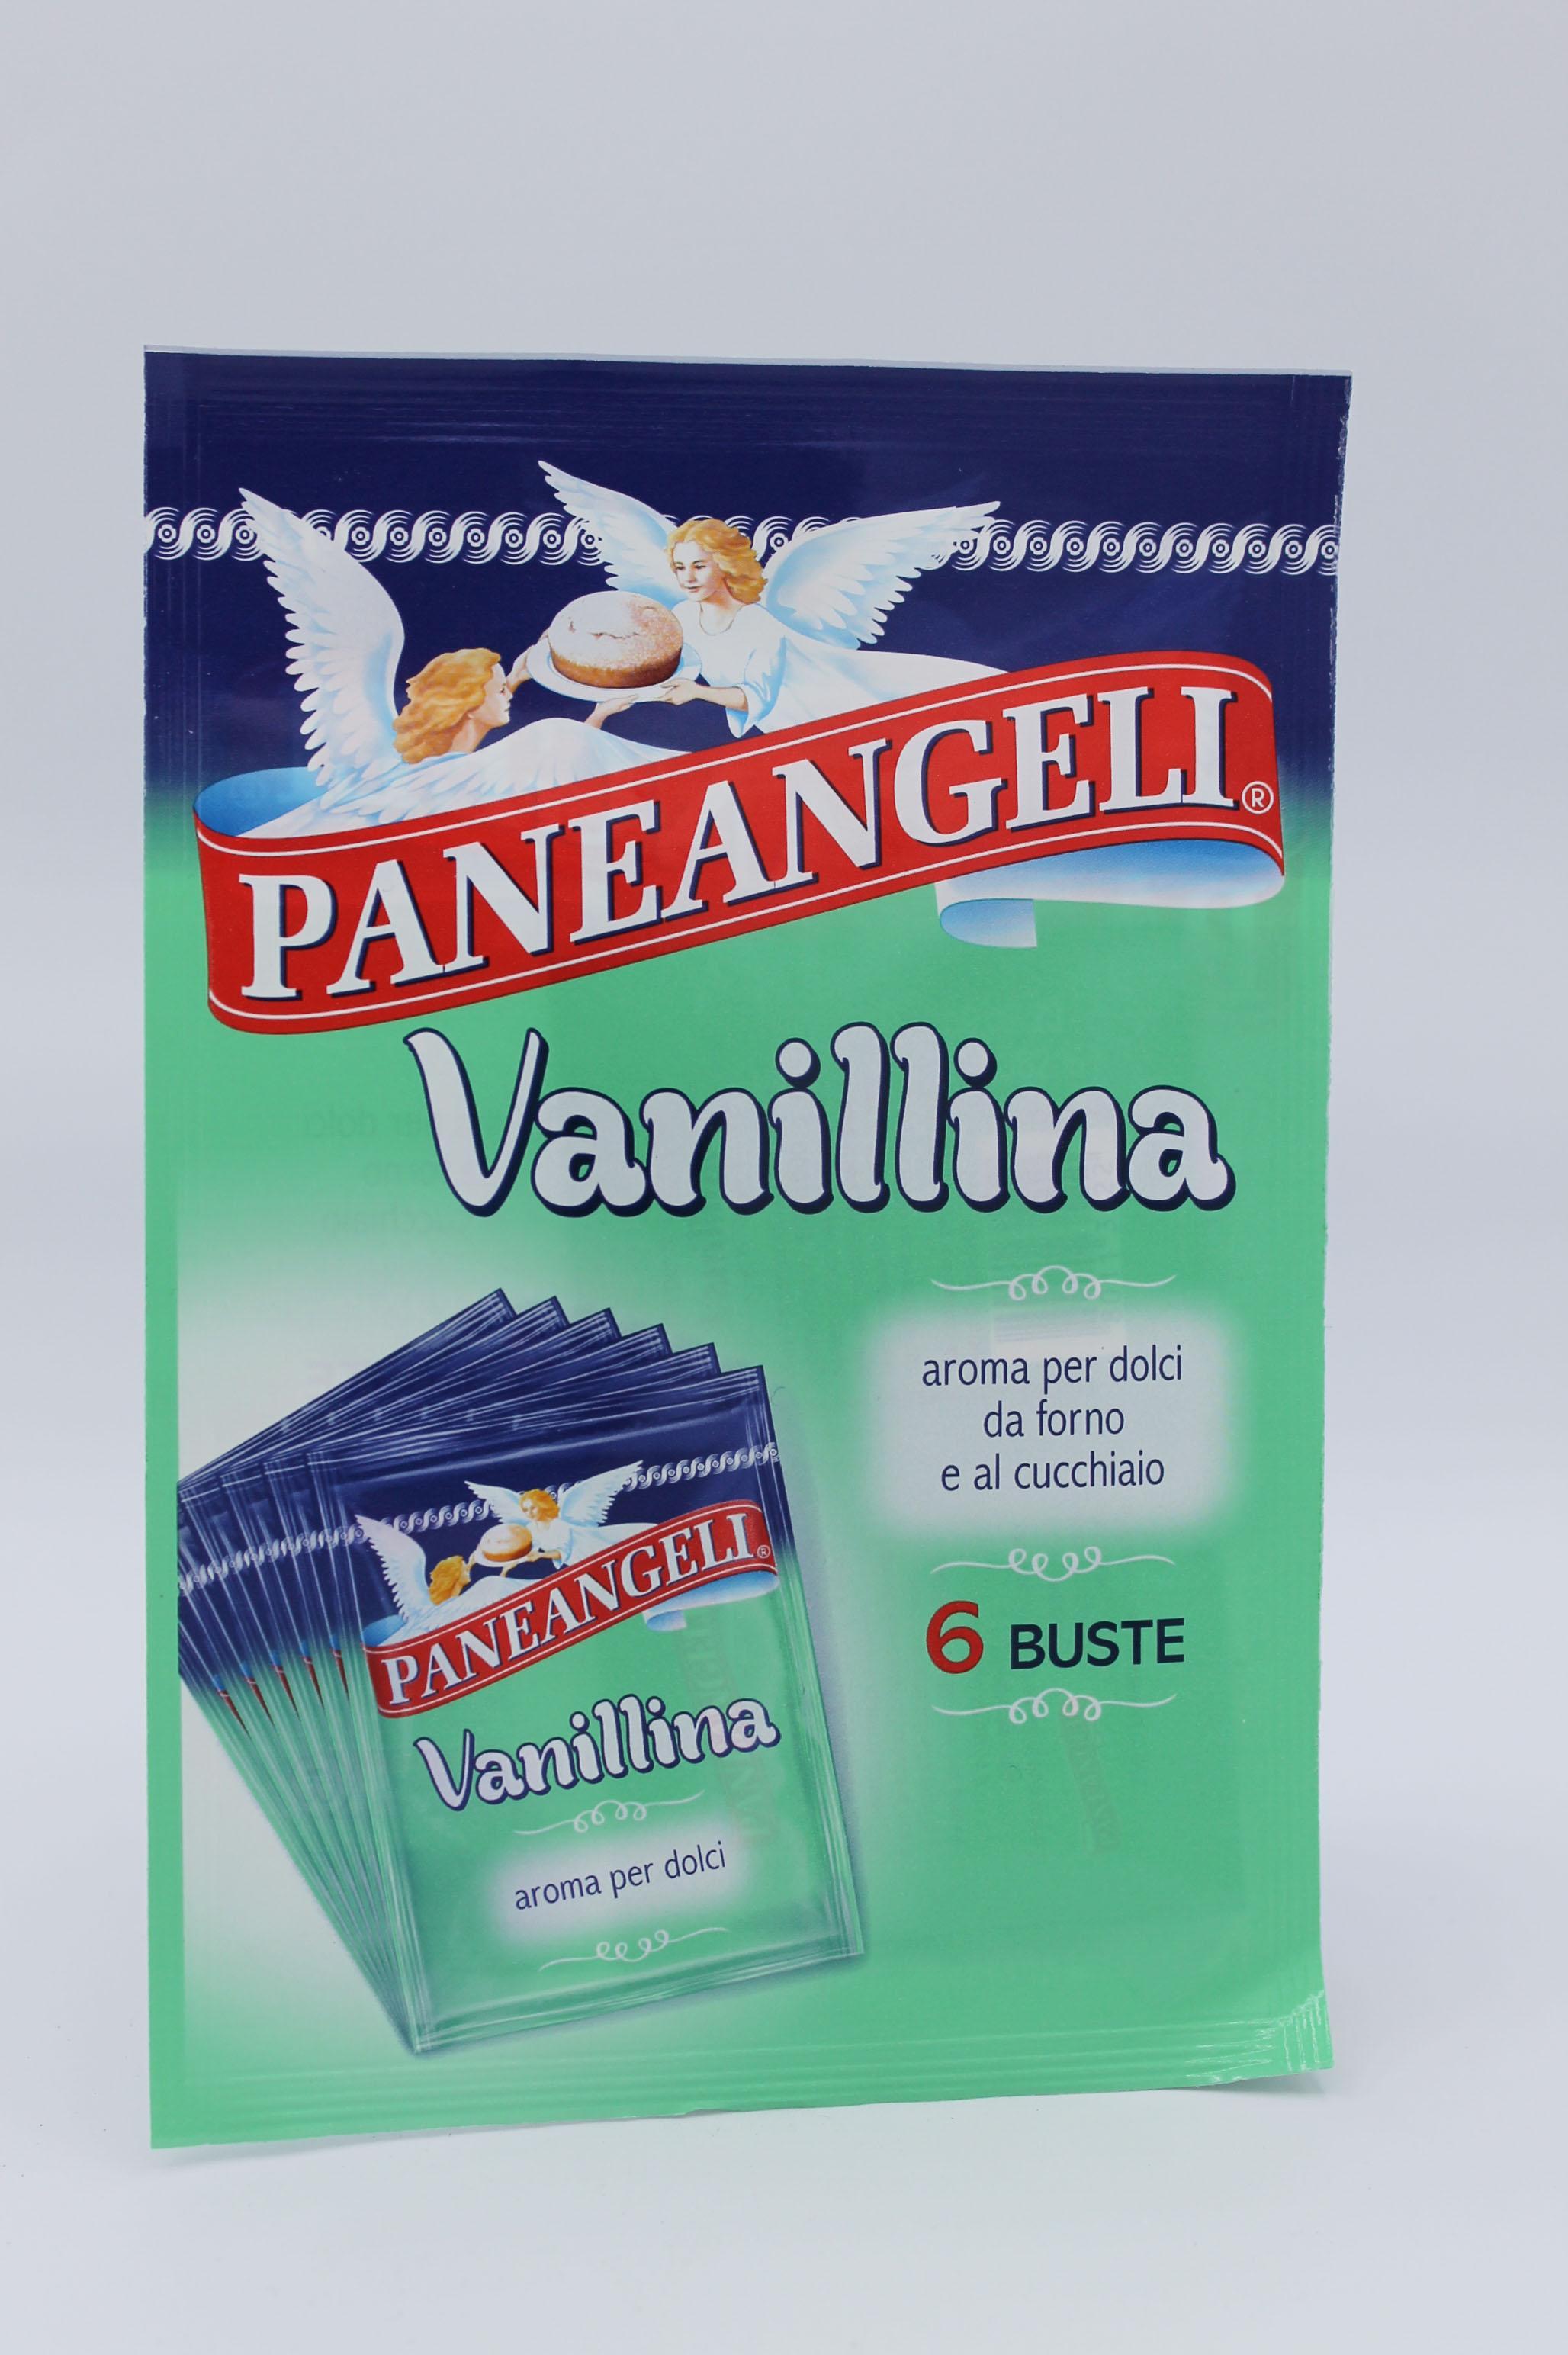 Vanillina paneangeli